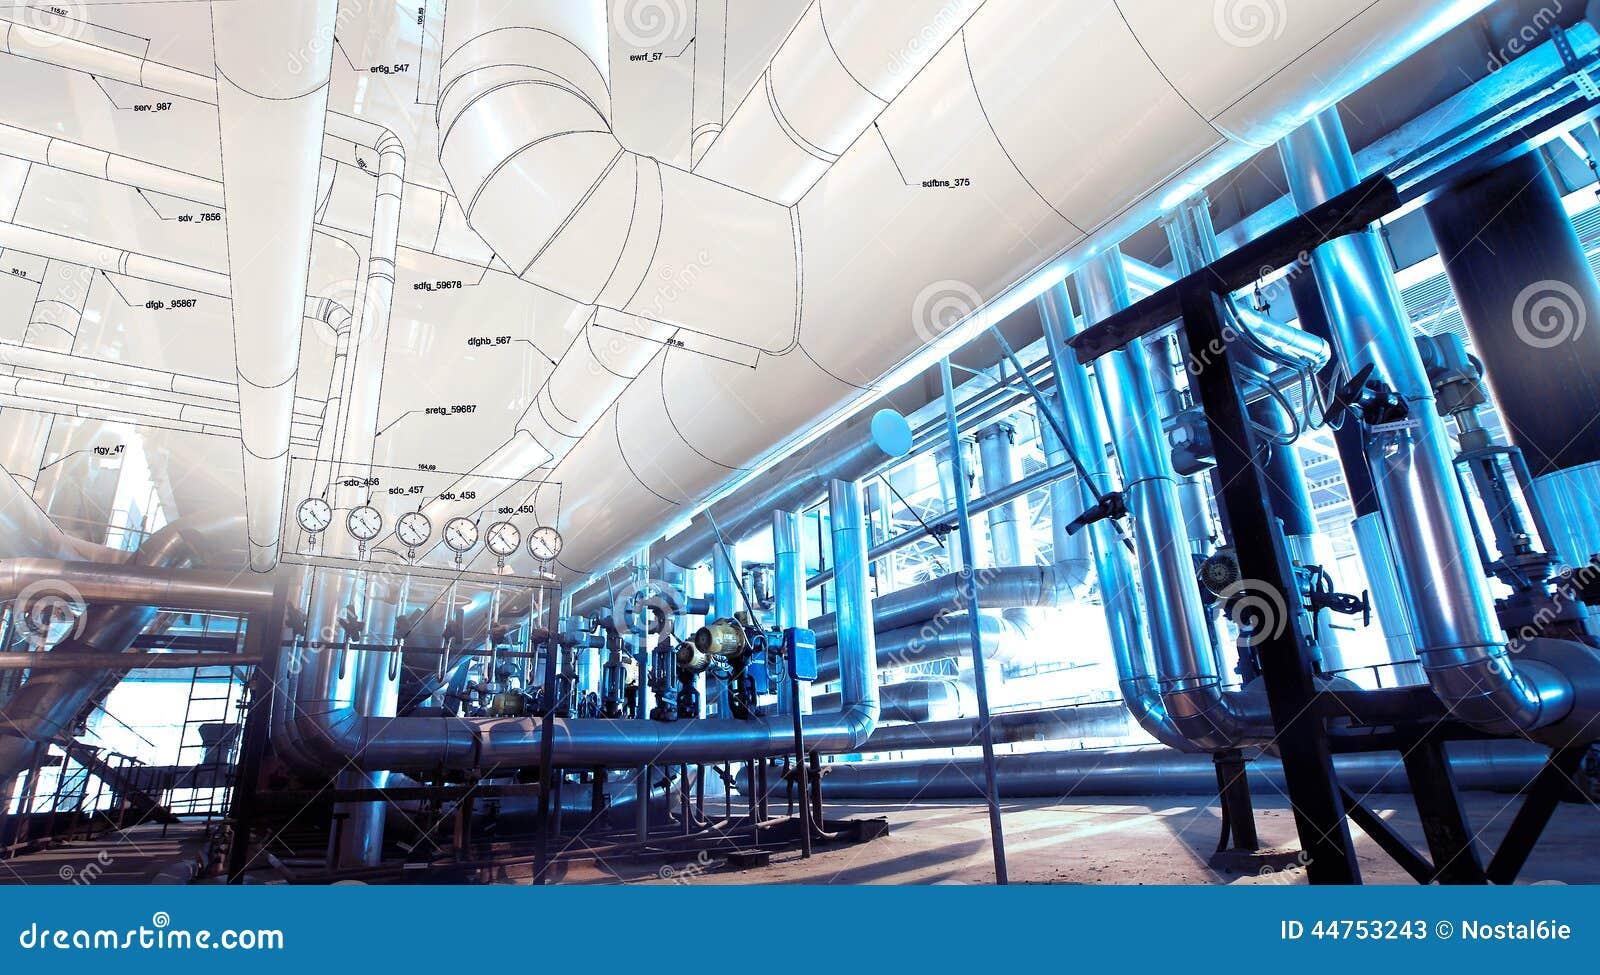 Skissa av att leda i rör design med fotoet för industriell utrustning